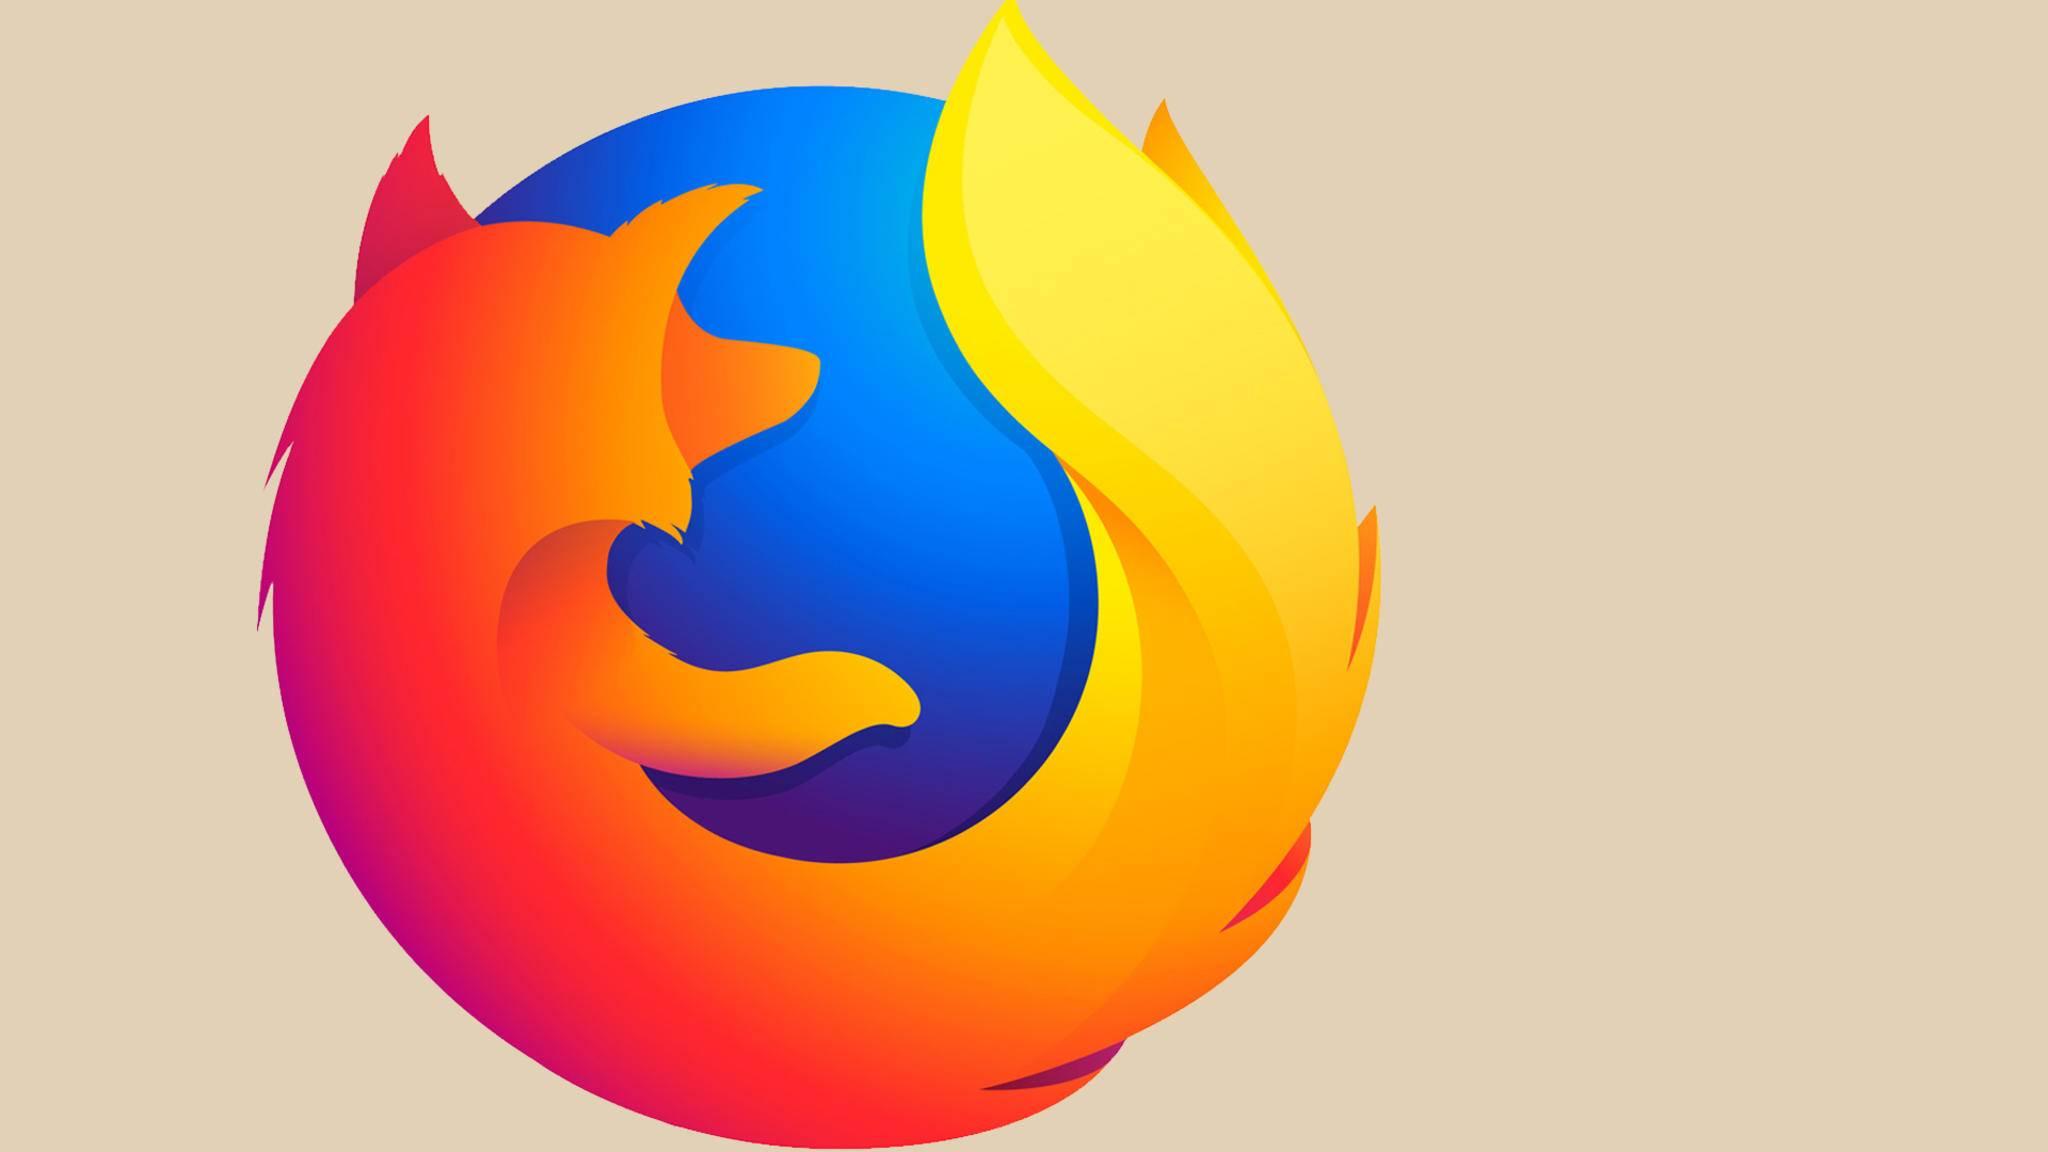 Mit der neuen Version 57 ist der Firefox-Browser deutlich schneller geworden.